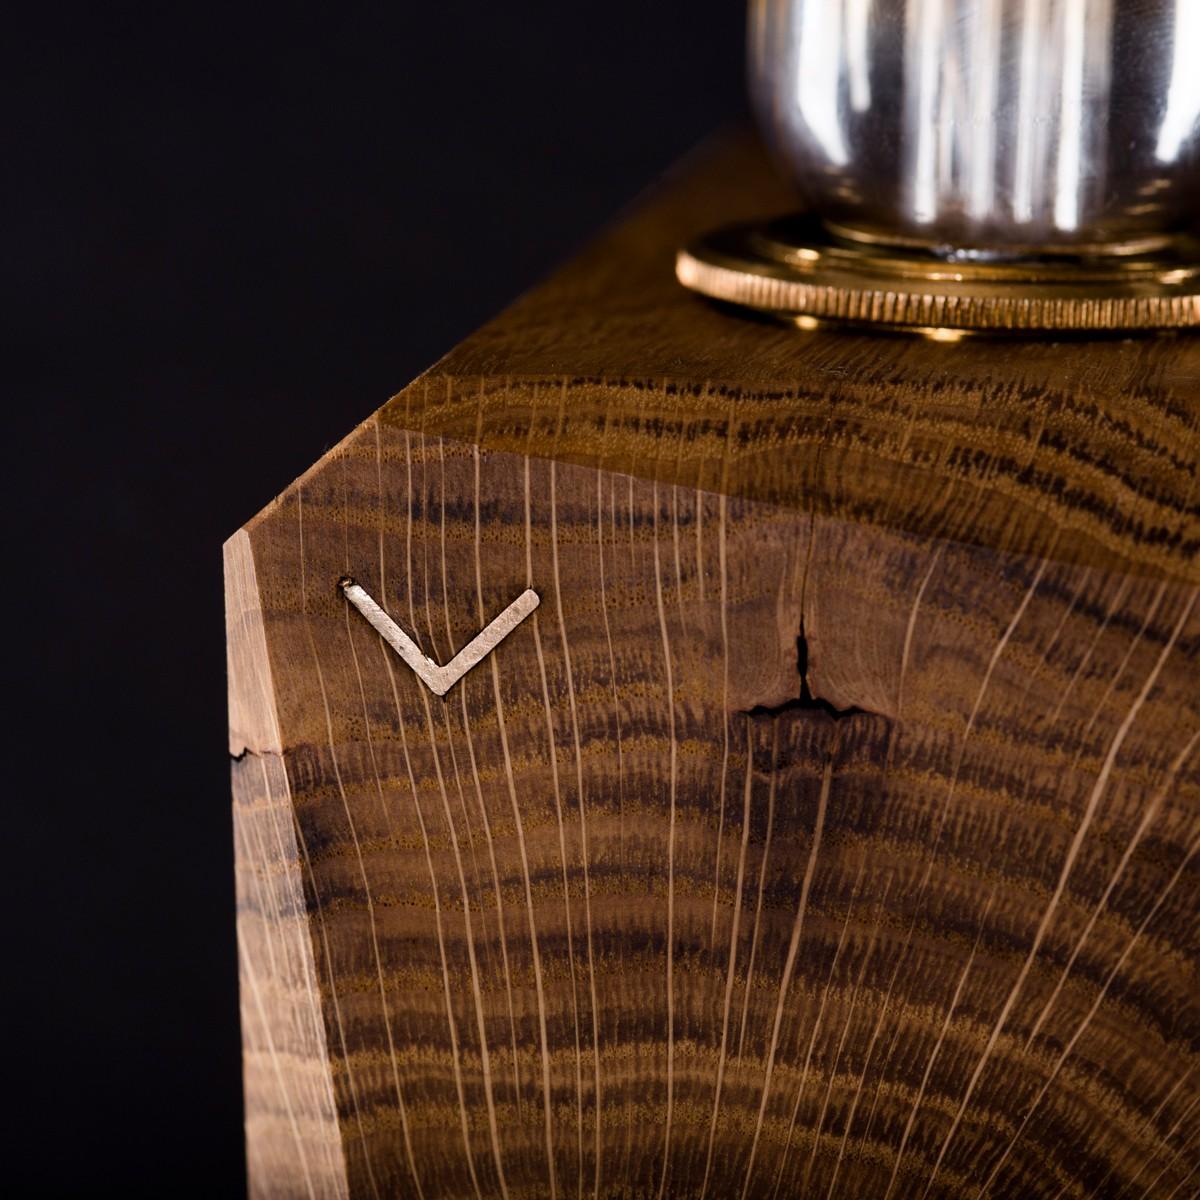 KUBUS   Tischleuchte aus Holz von Verschnitt ohne Leuchtmittel